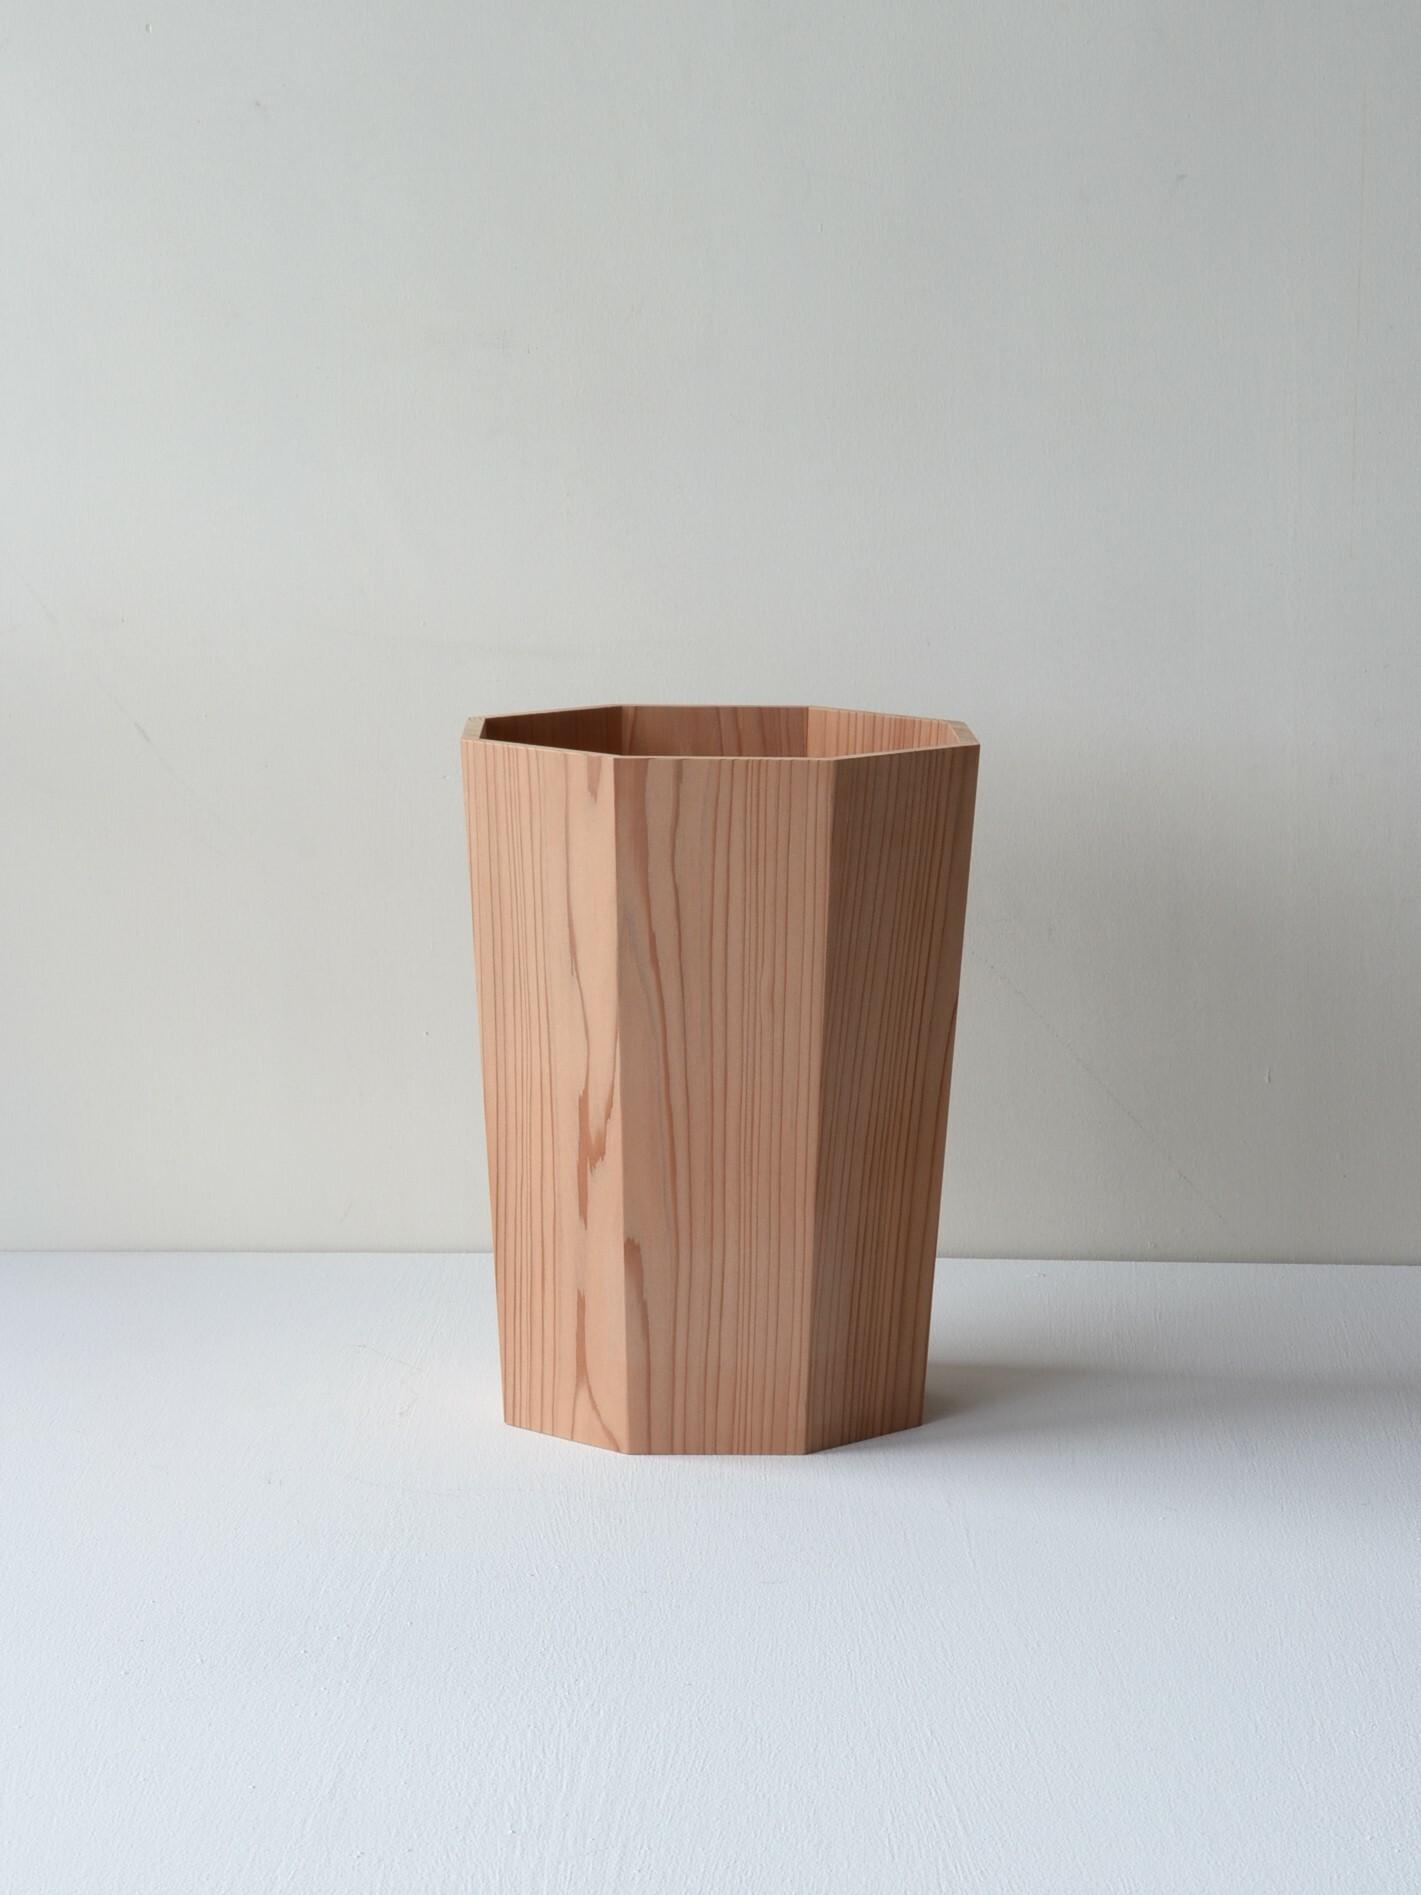 川合優 屑入れ大 masaru kawai-waste basket large